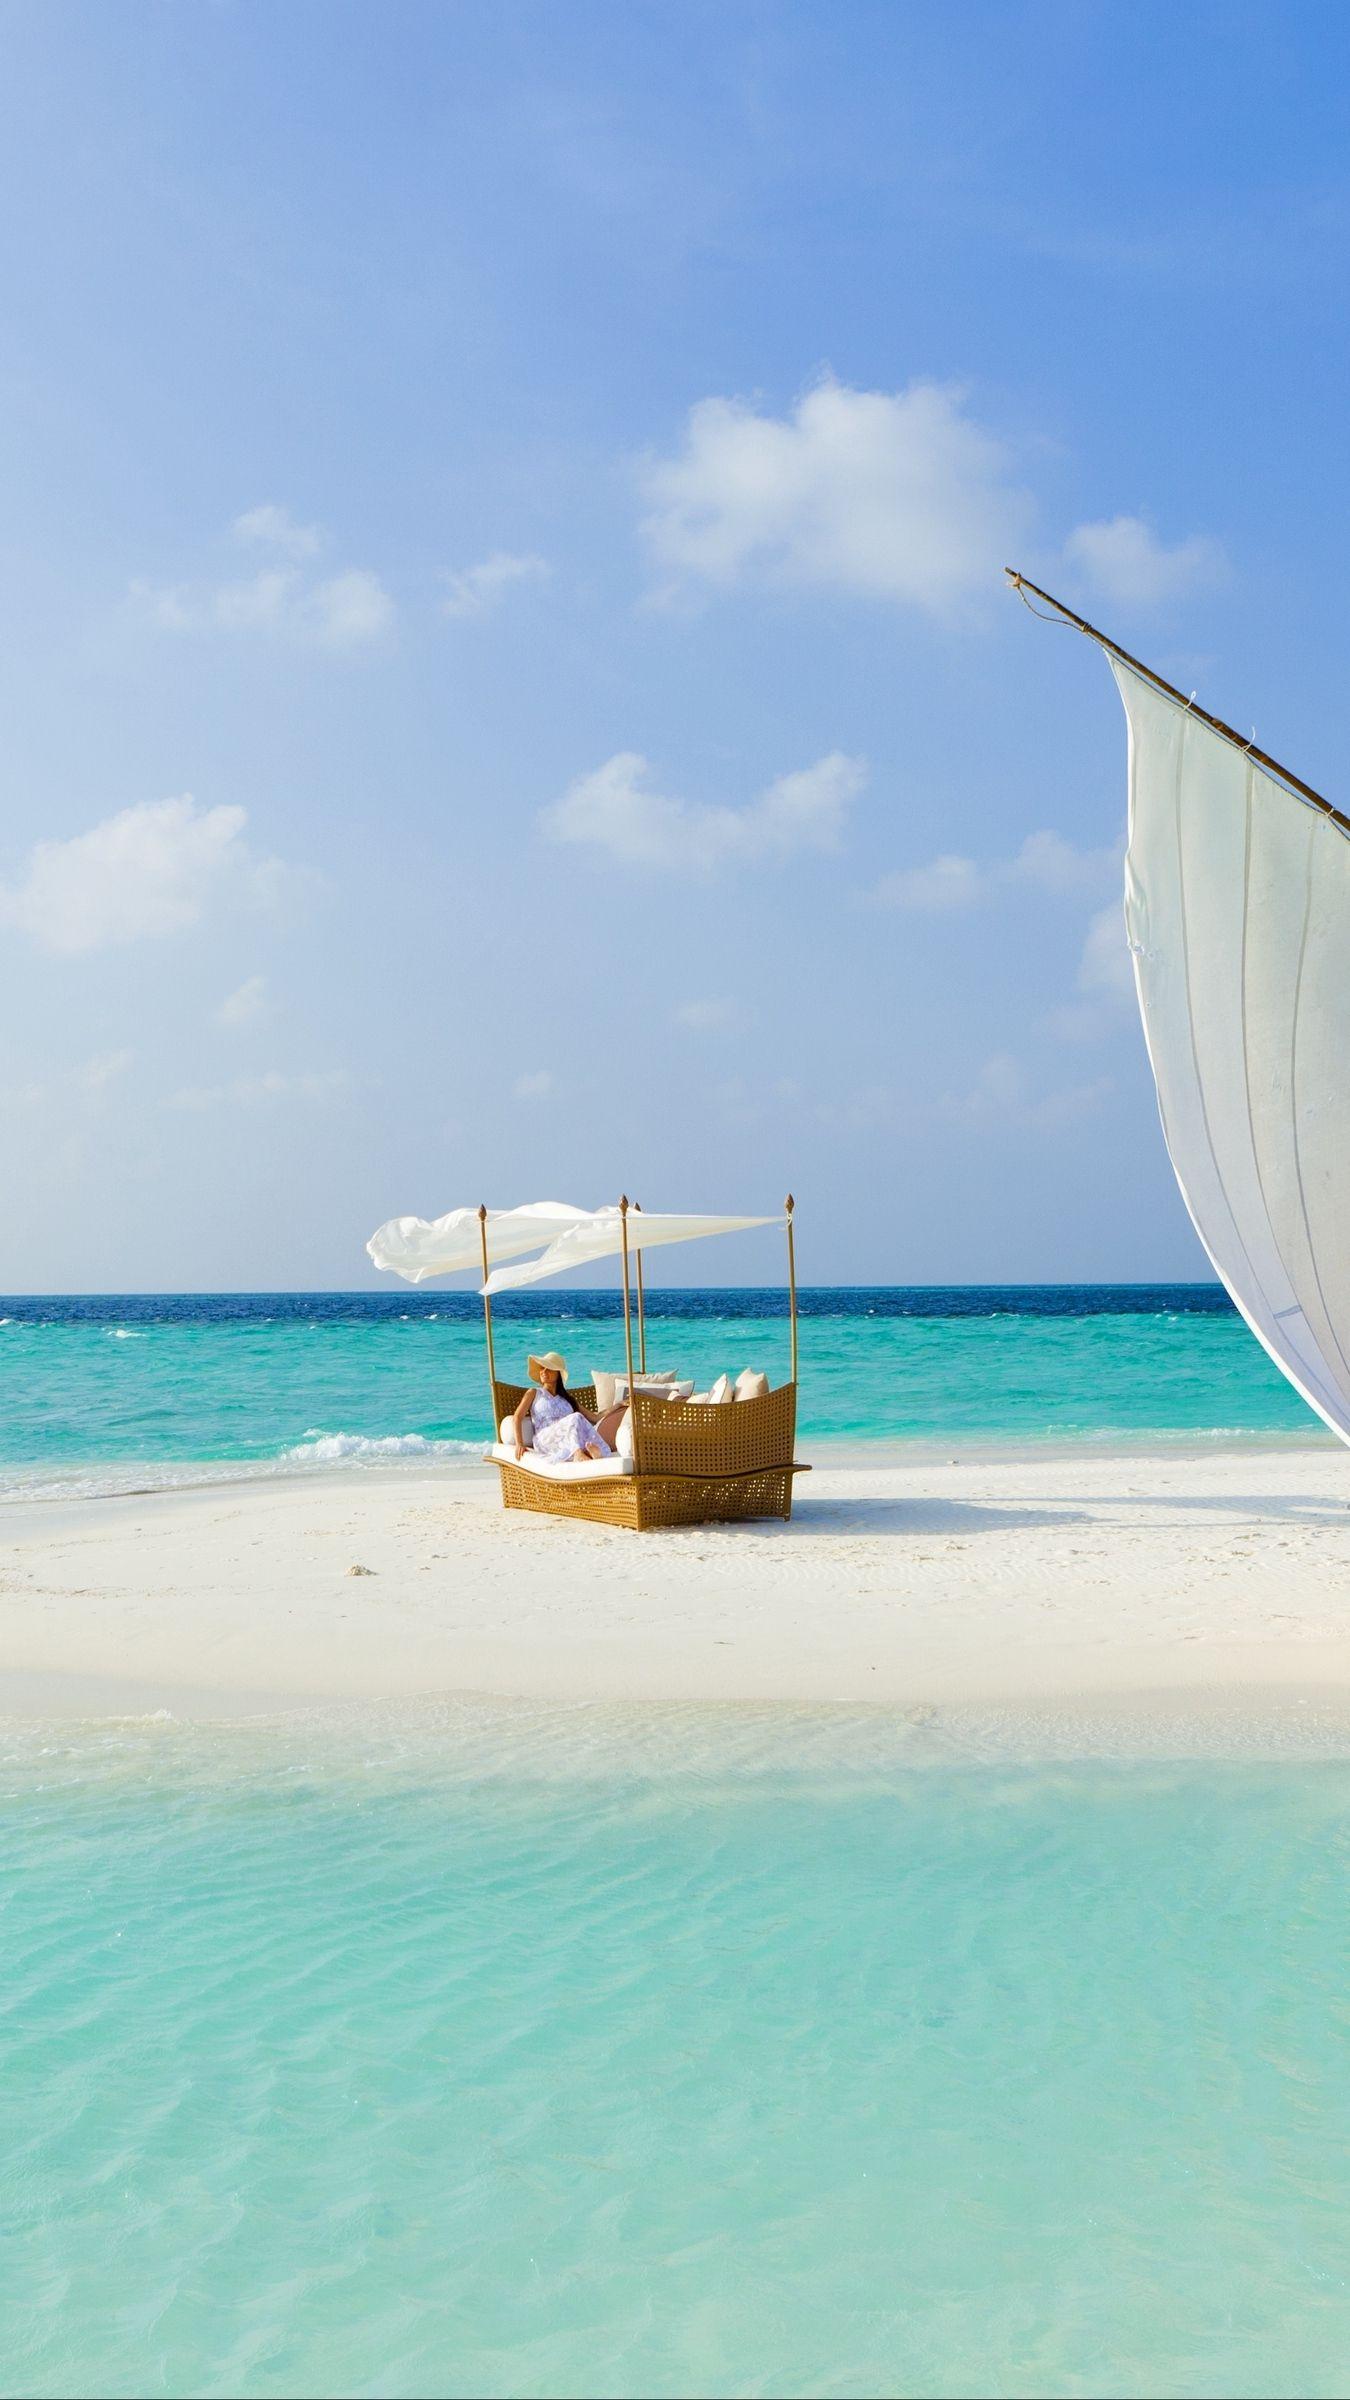 островов казино мальдивских